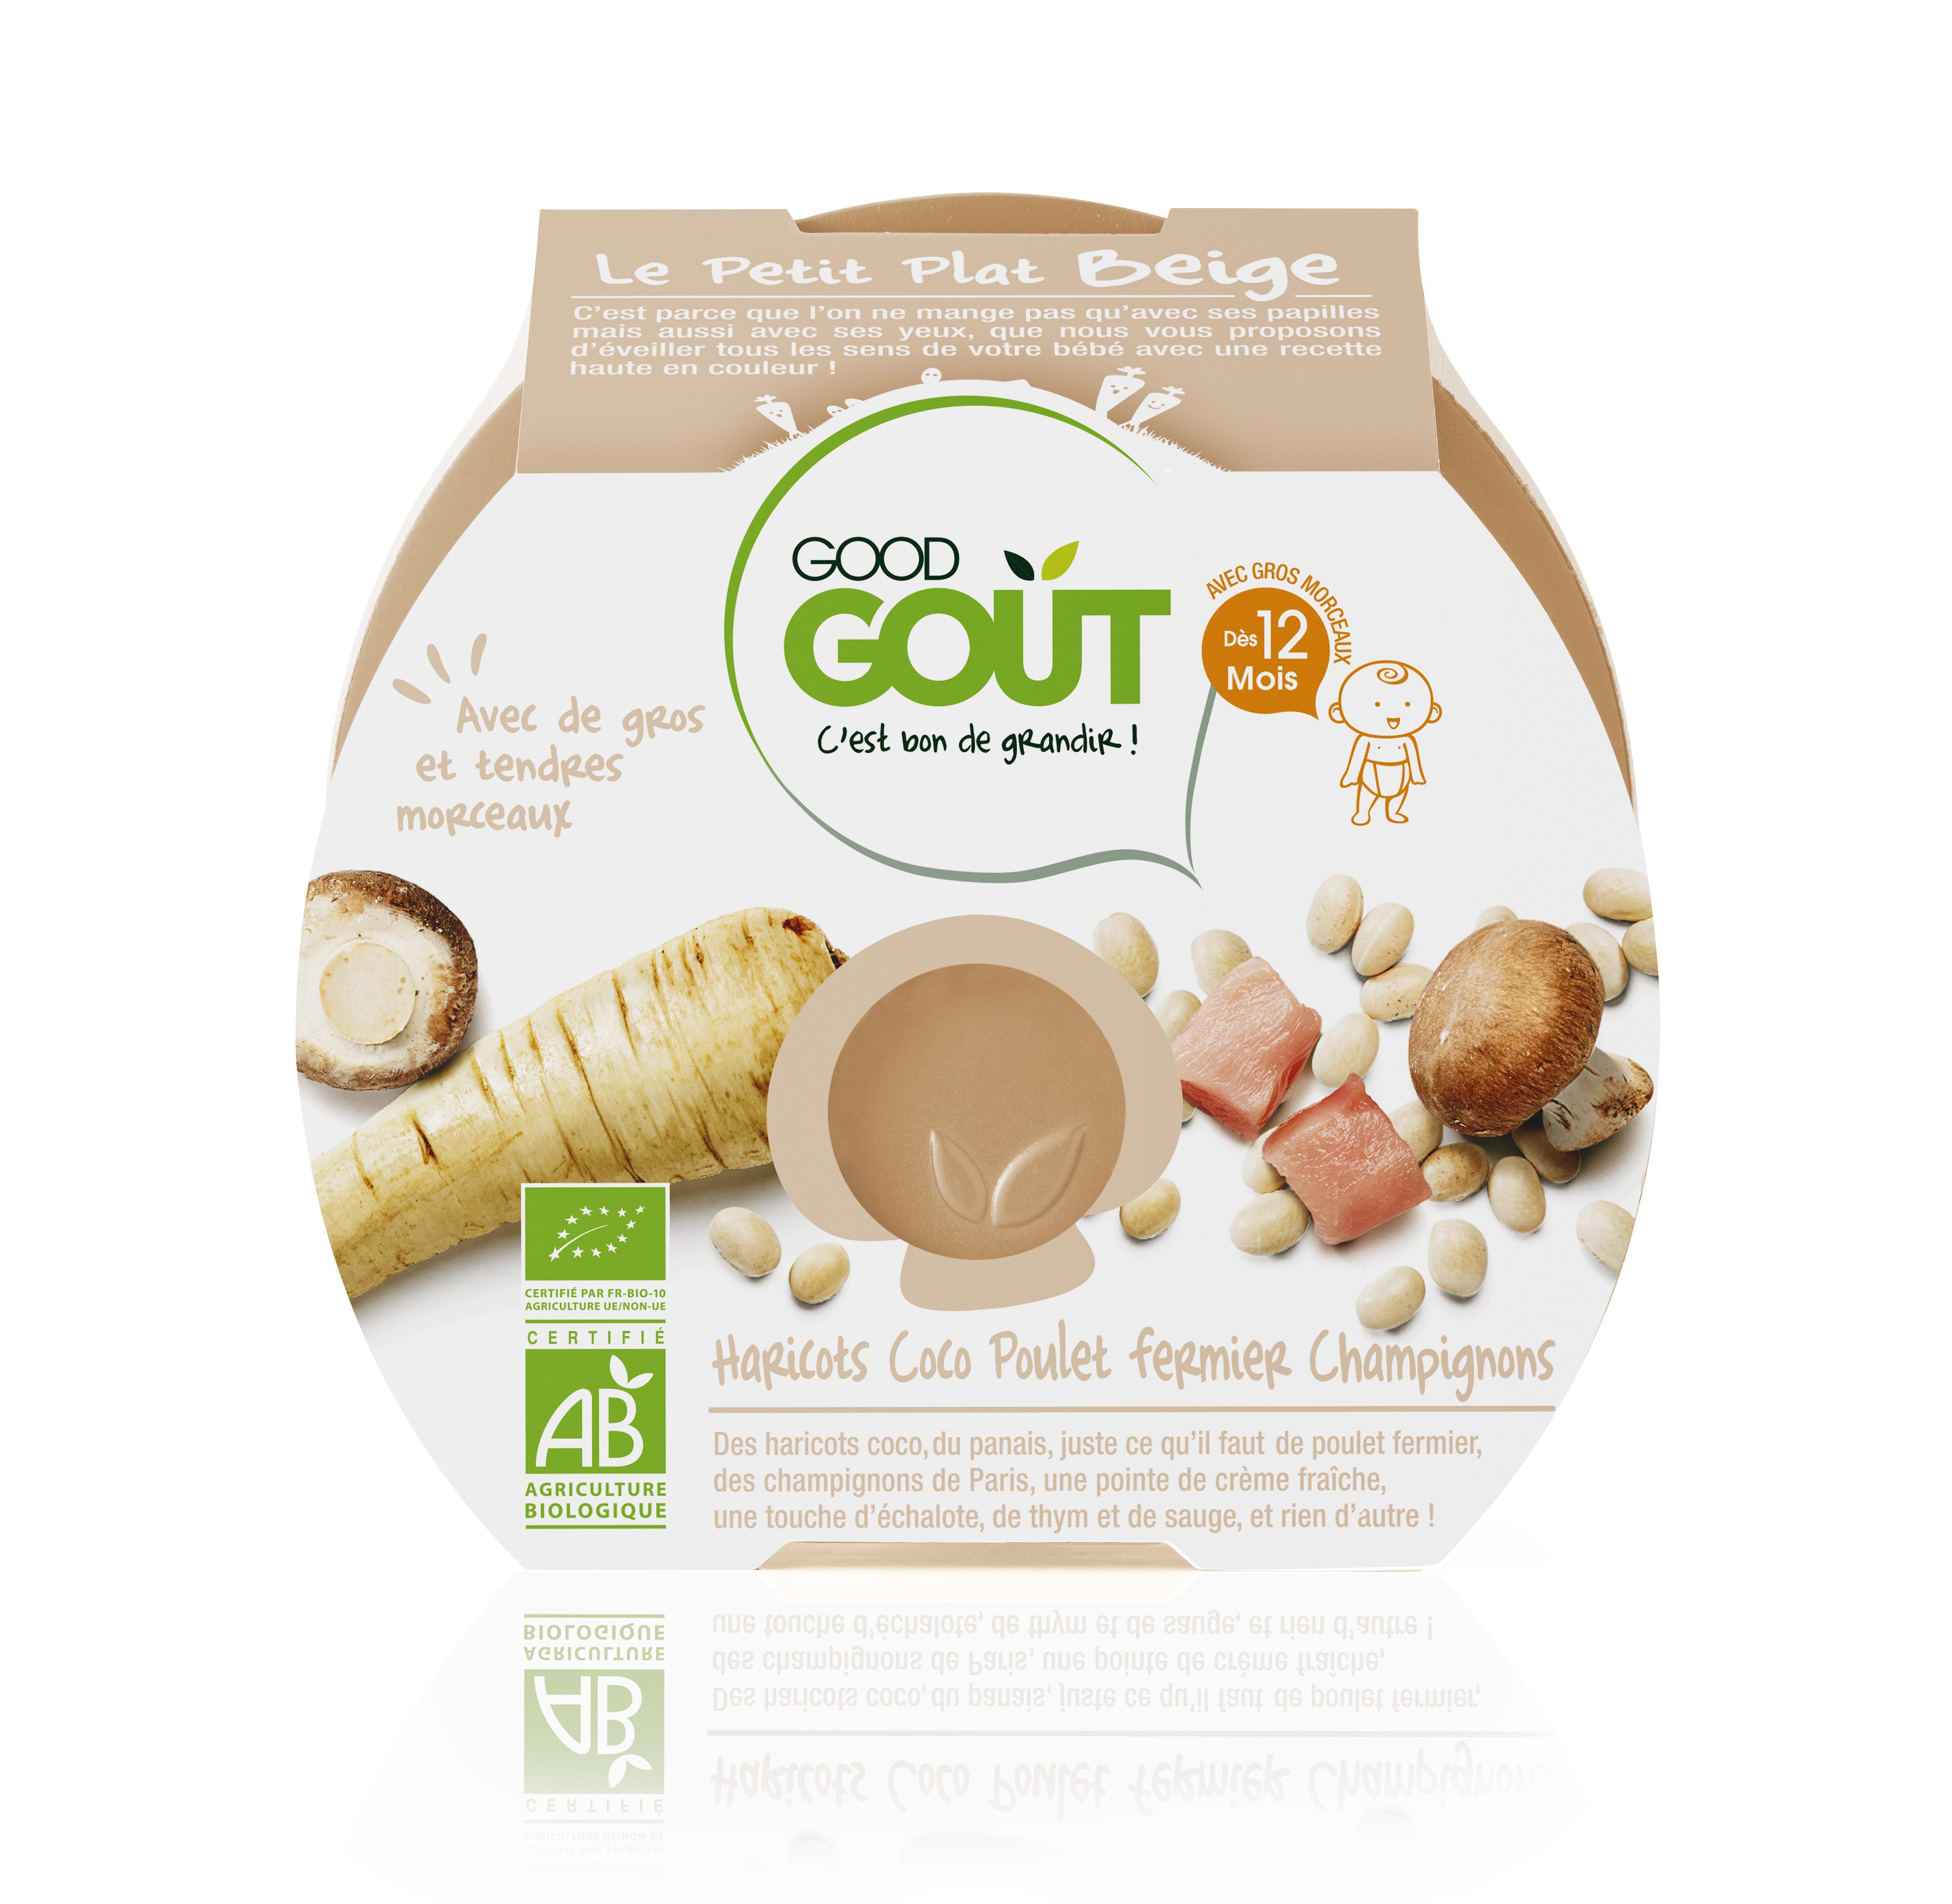 Le petit plat beige : haricots coco poulet fermier, champignons BIO - dès 12 mois, Goog Goût (220 g)